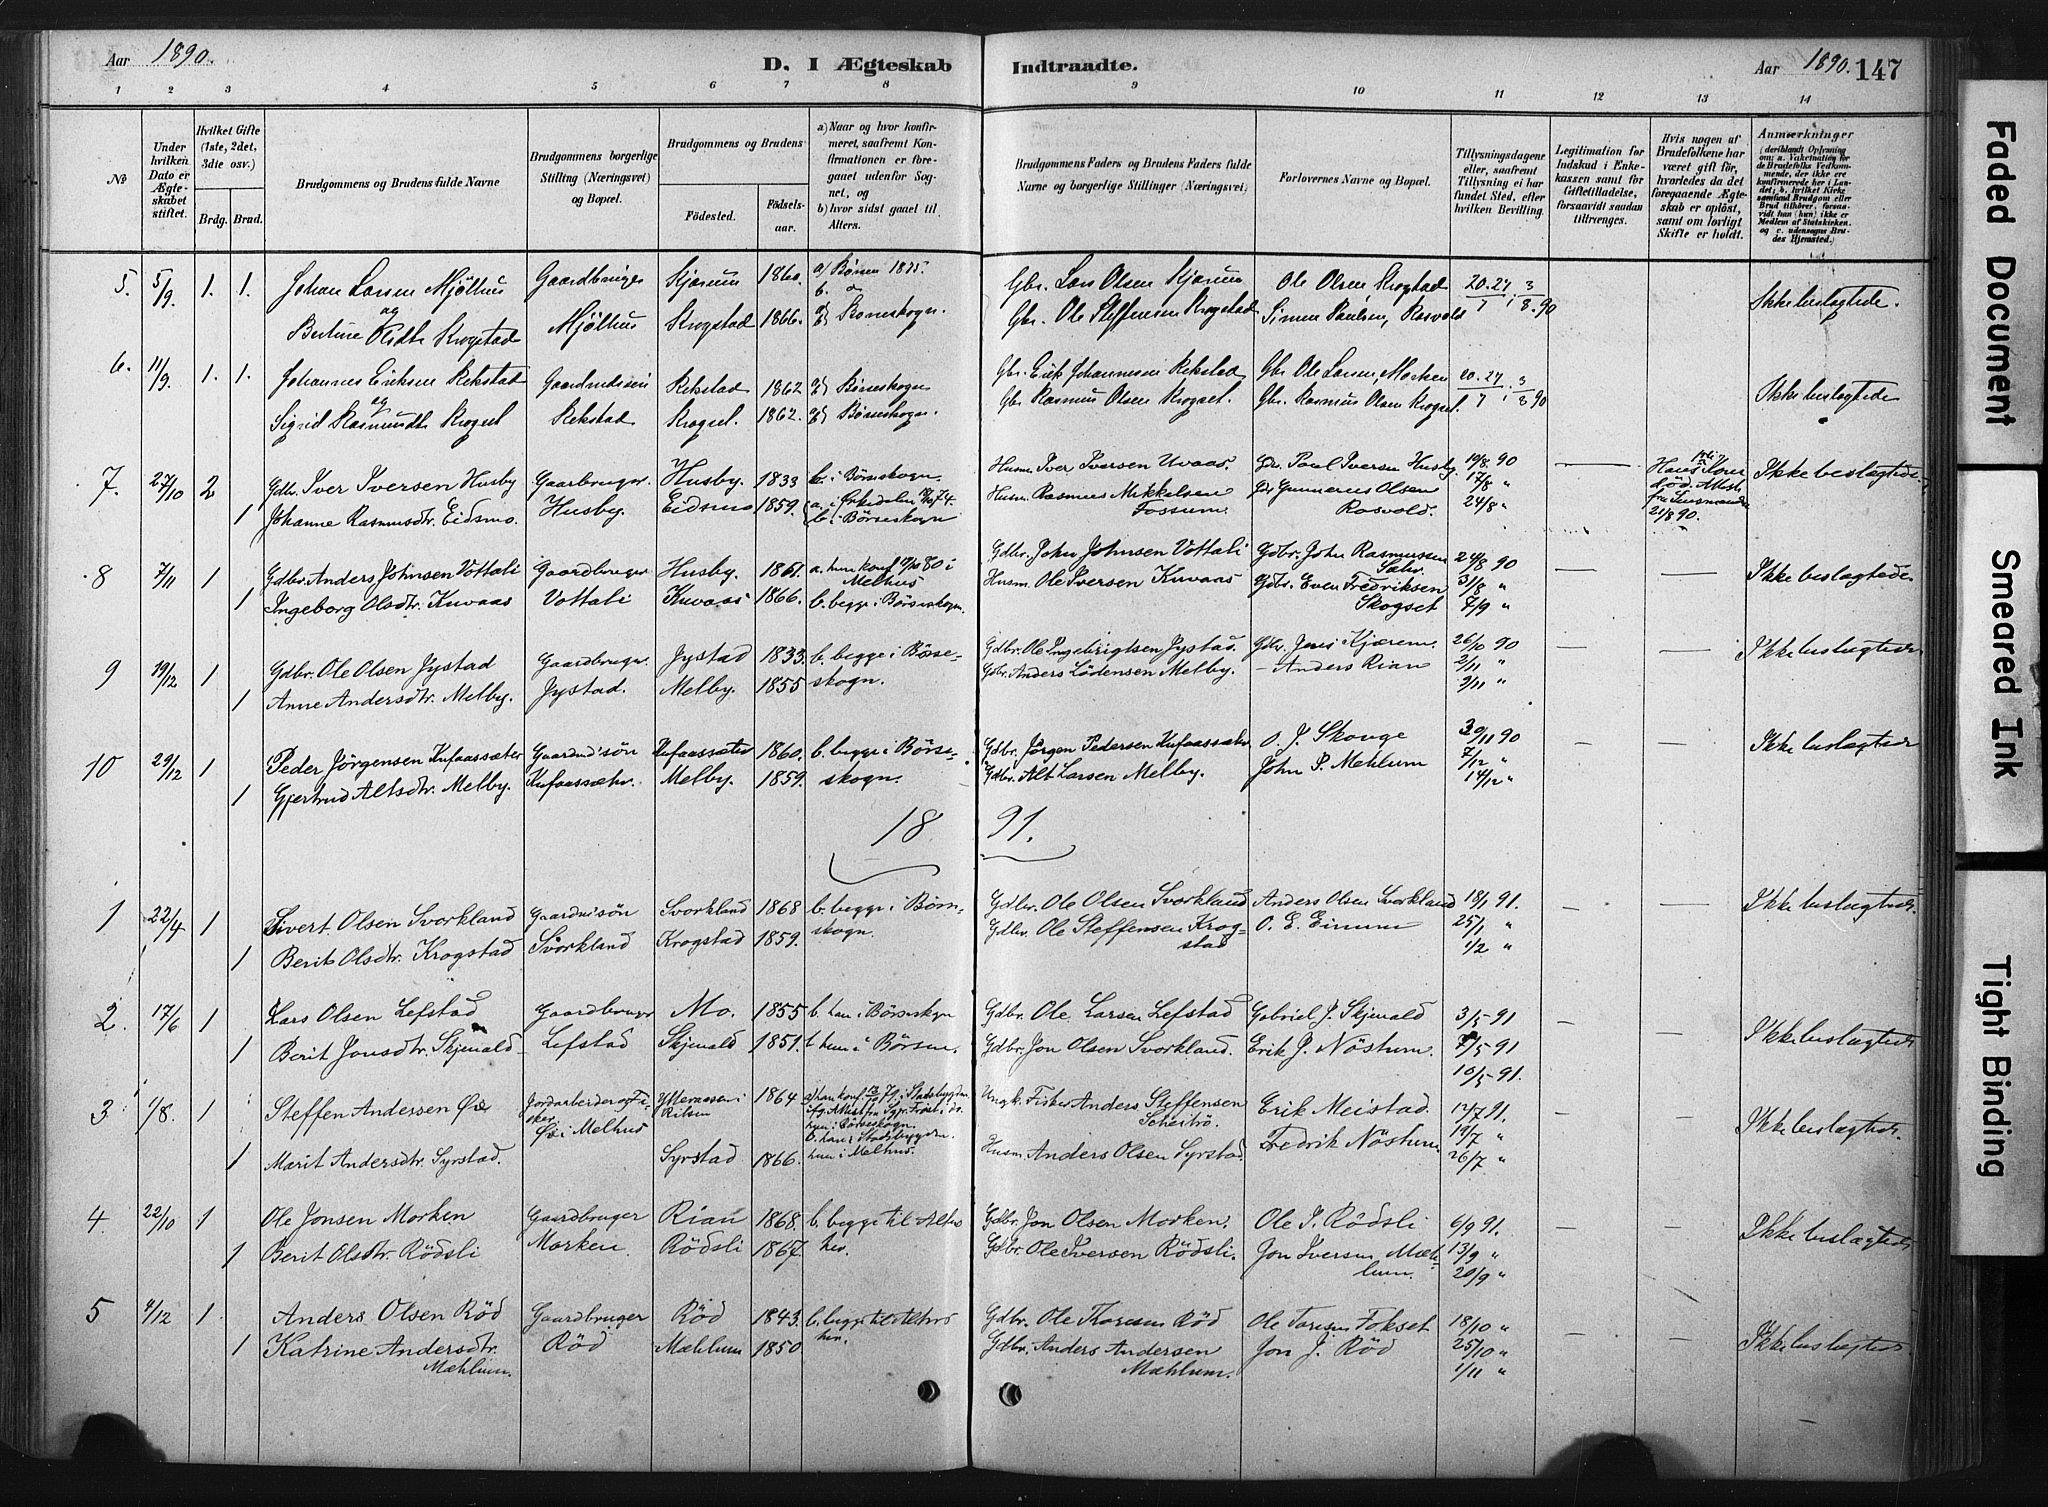 SAT, Ministerialprotokoller, klokkerbøker og fødselsregistre - Sør-Trøndelag, 667/L0795: Ministerialbok nr. 667A03, 1879-1907, s. 147